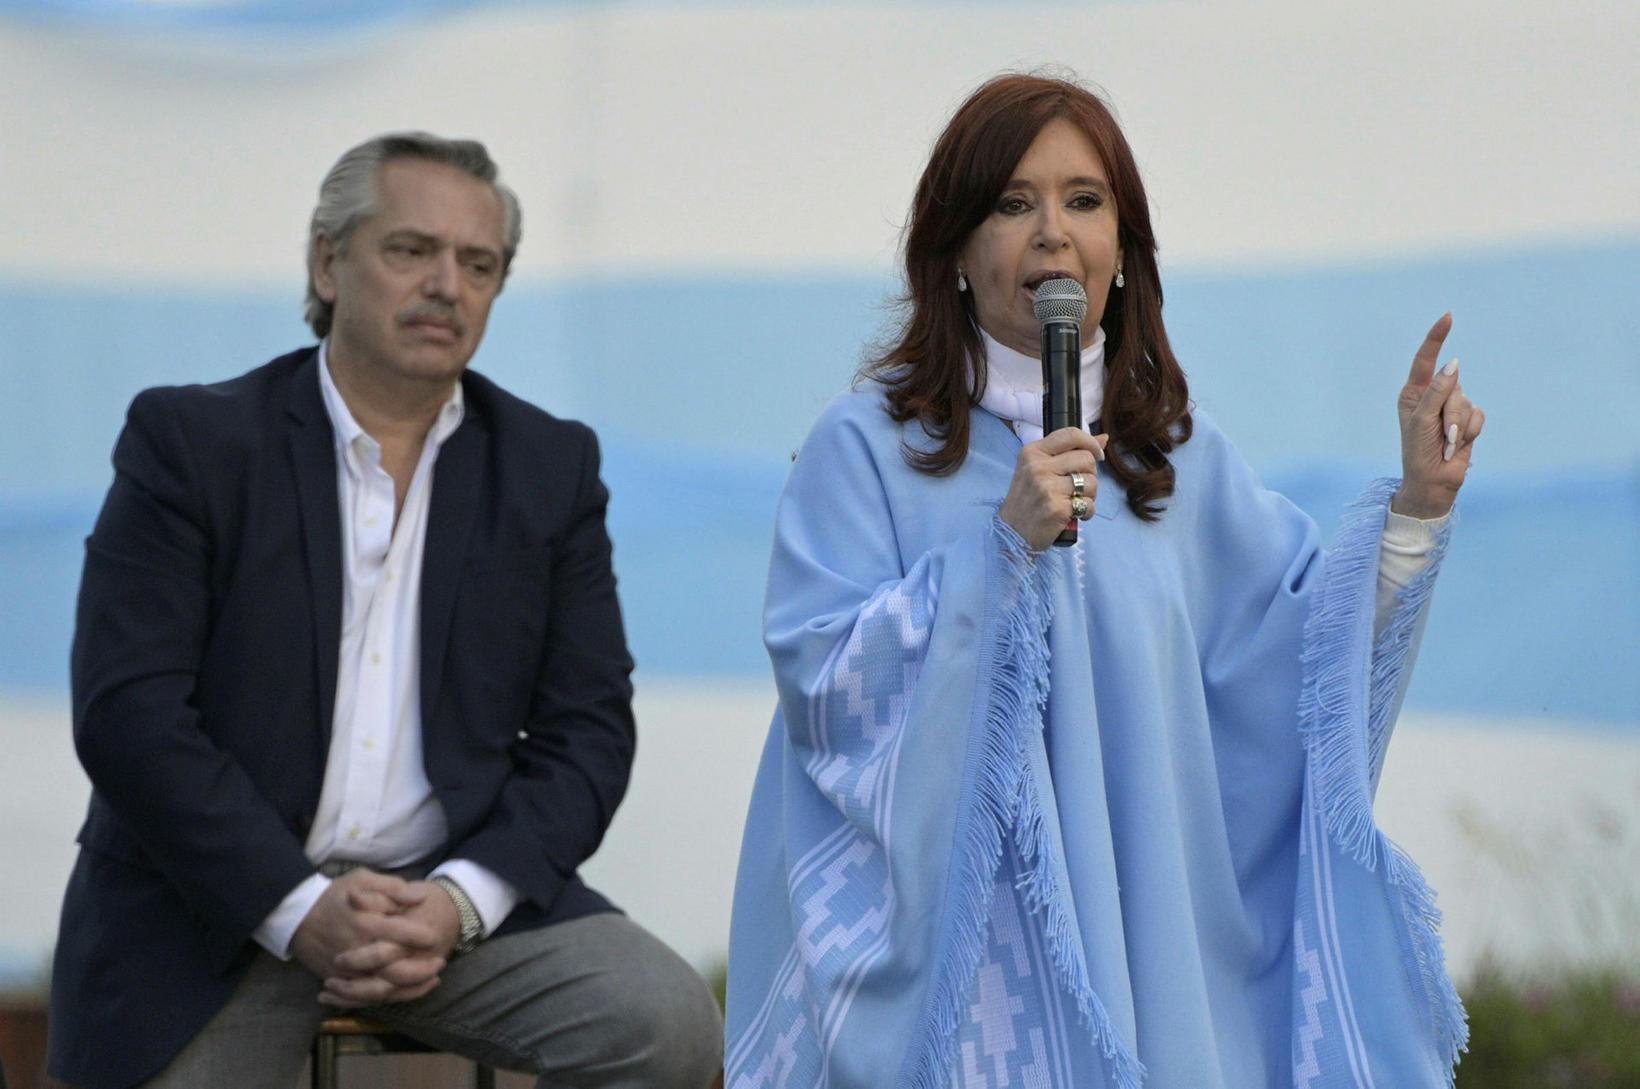 Cristina ásamt nýkjörnum forseta, Alberto Fernándes.